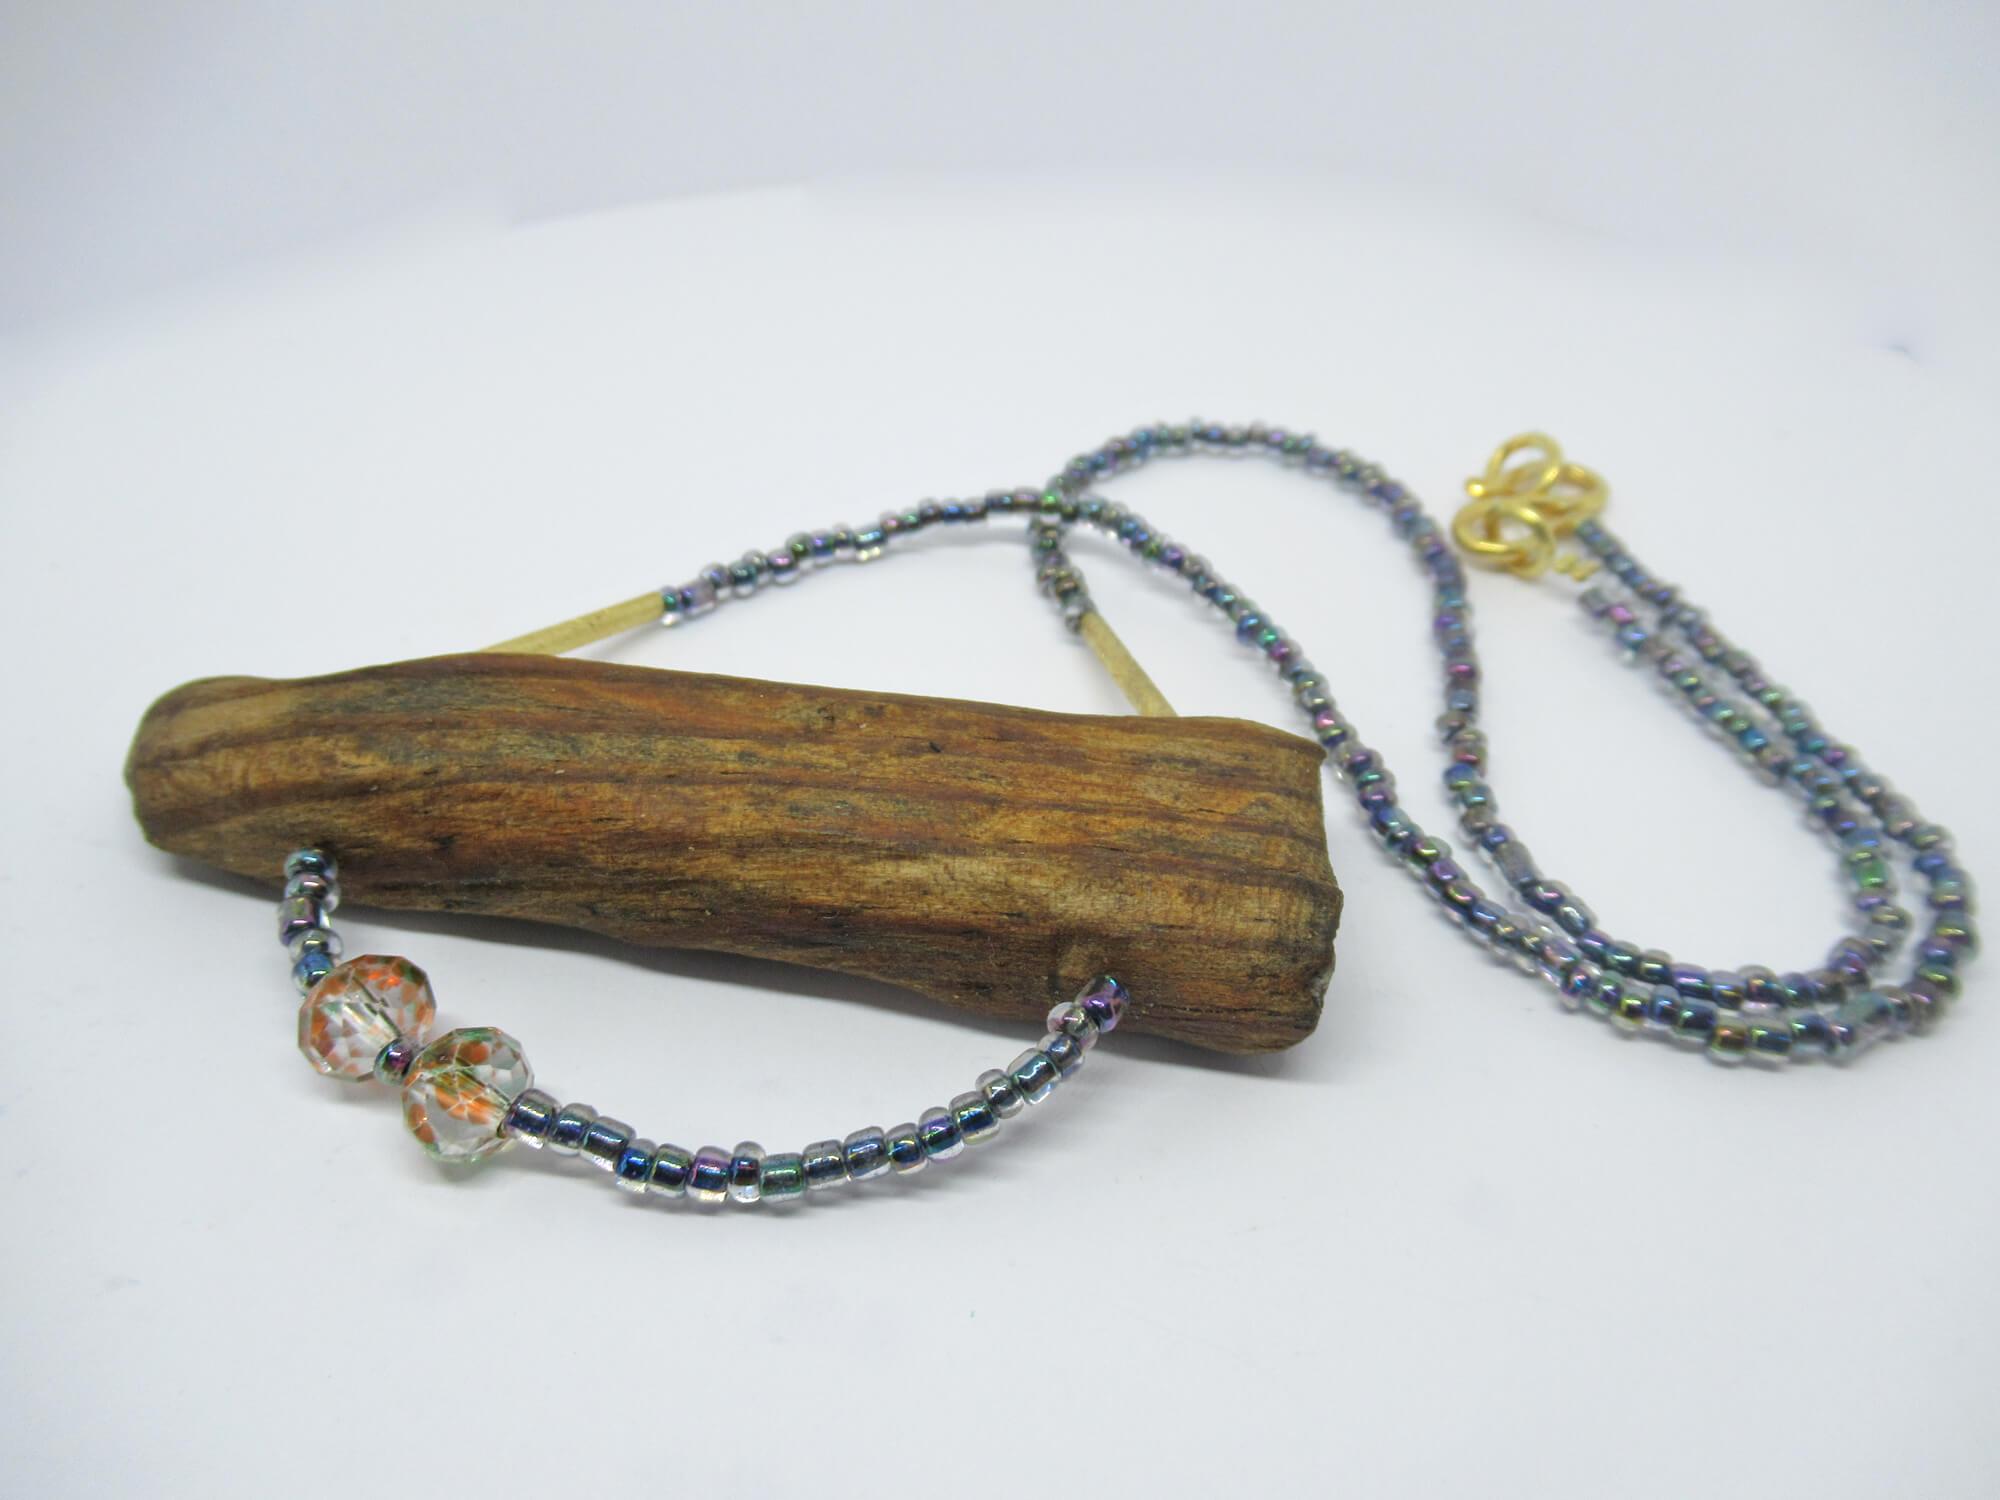 Collier mit schönen Perlen und Treibholz